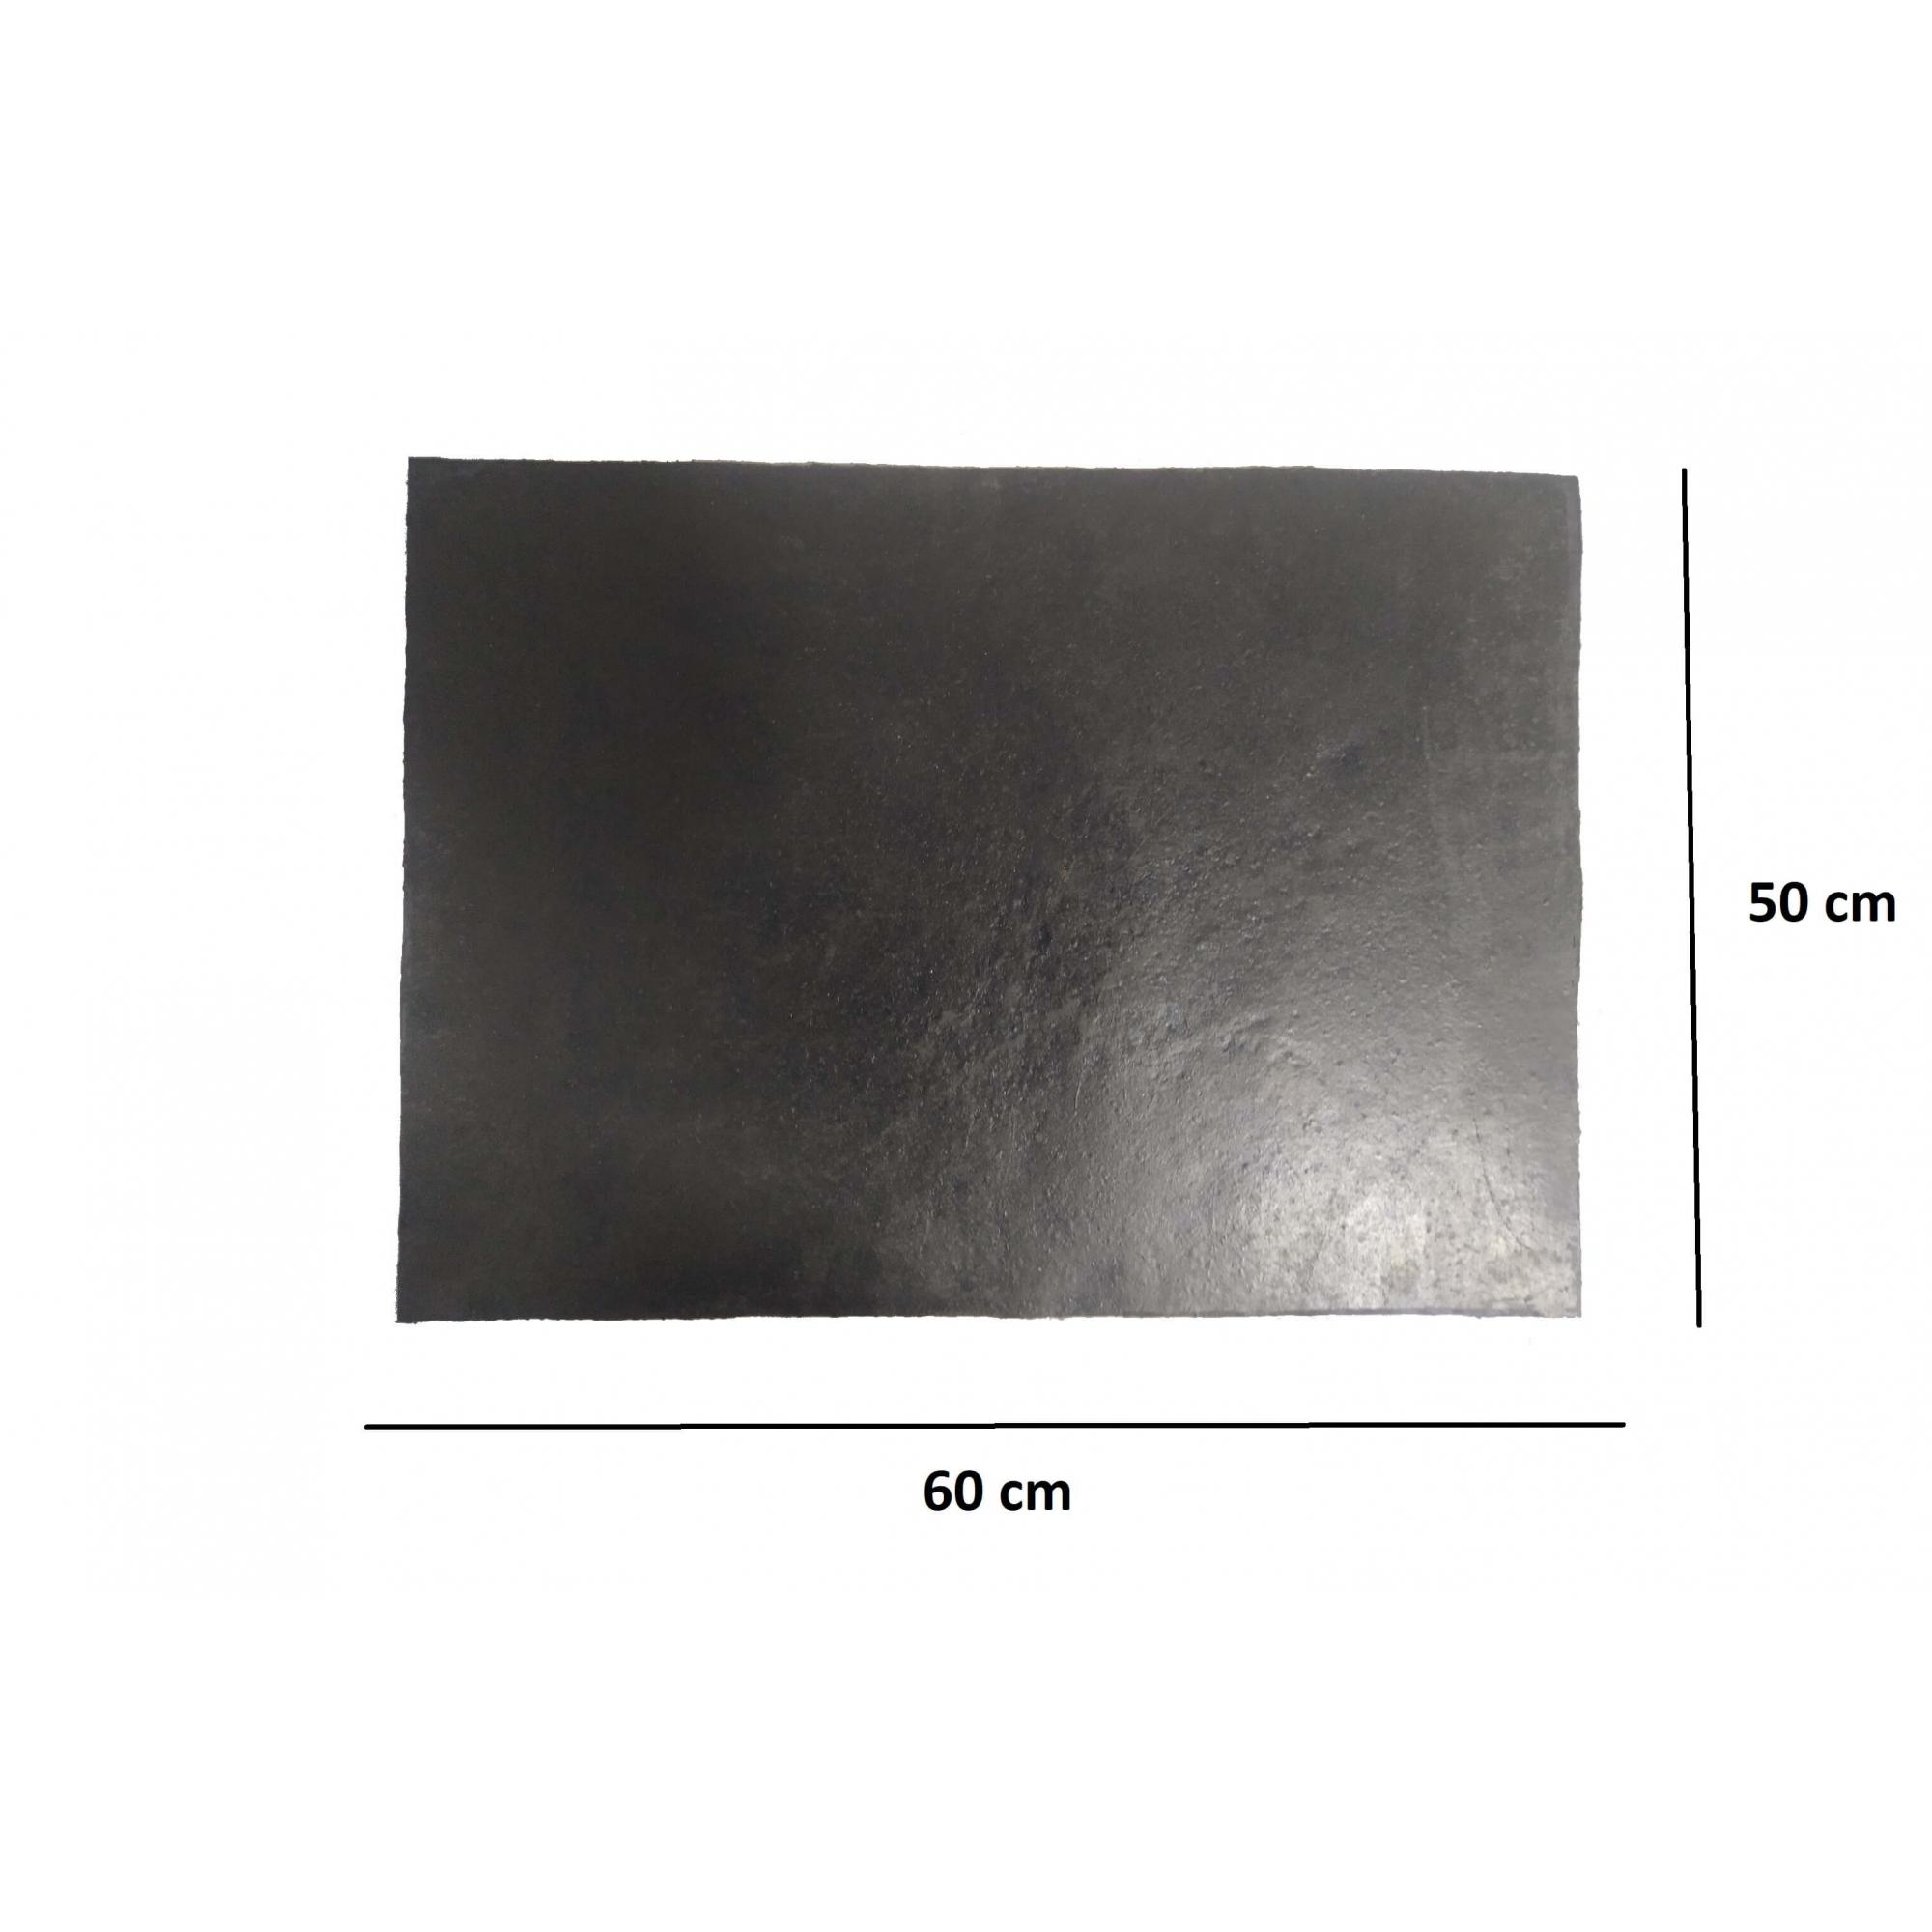 Parabarro Borracha Preto Liso 60 X 50 Cm Lameiro